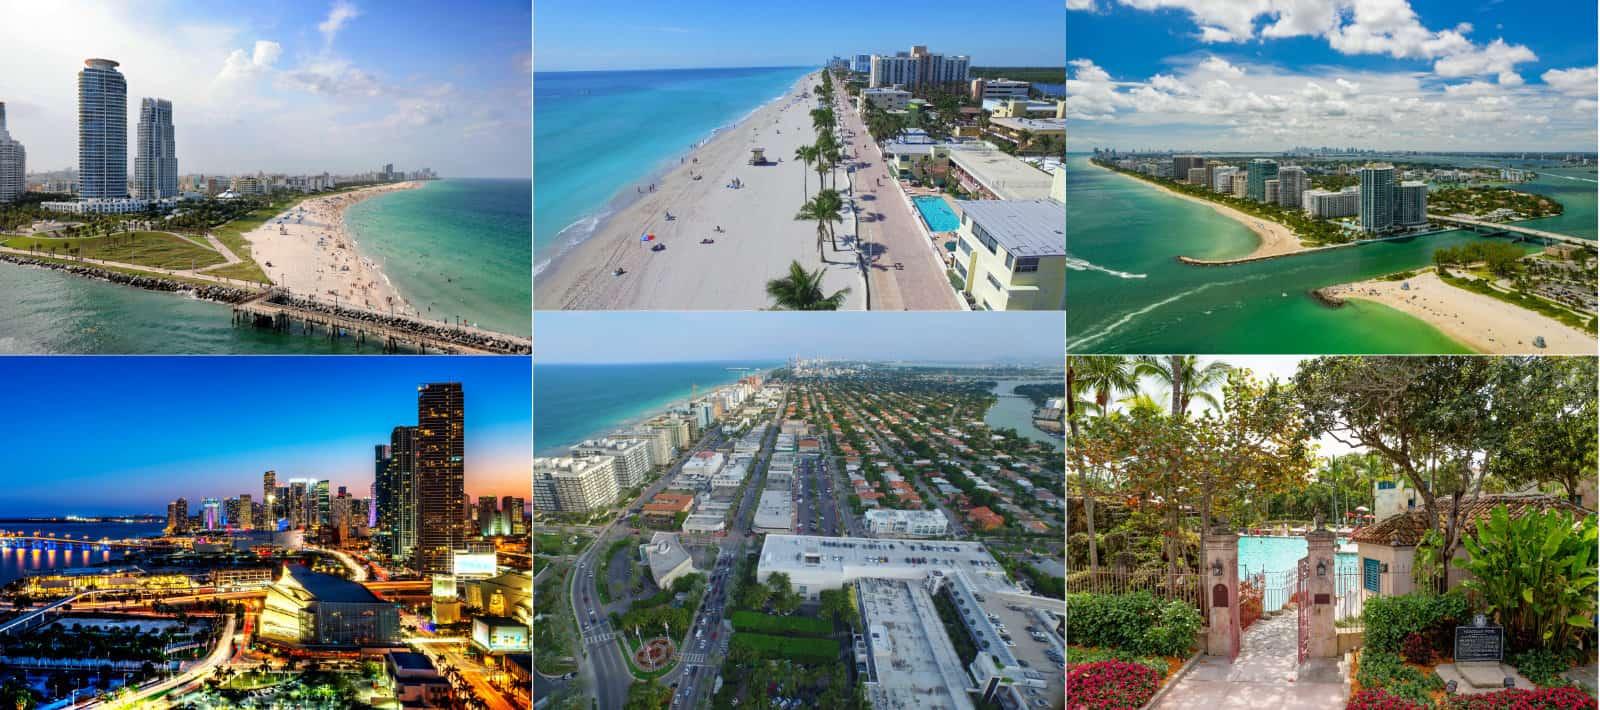 Miami Florida vacation rentals